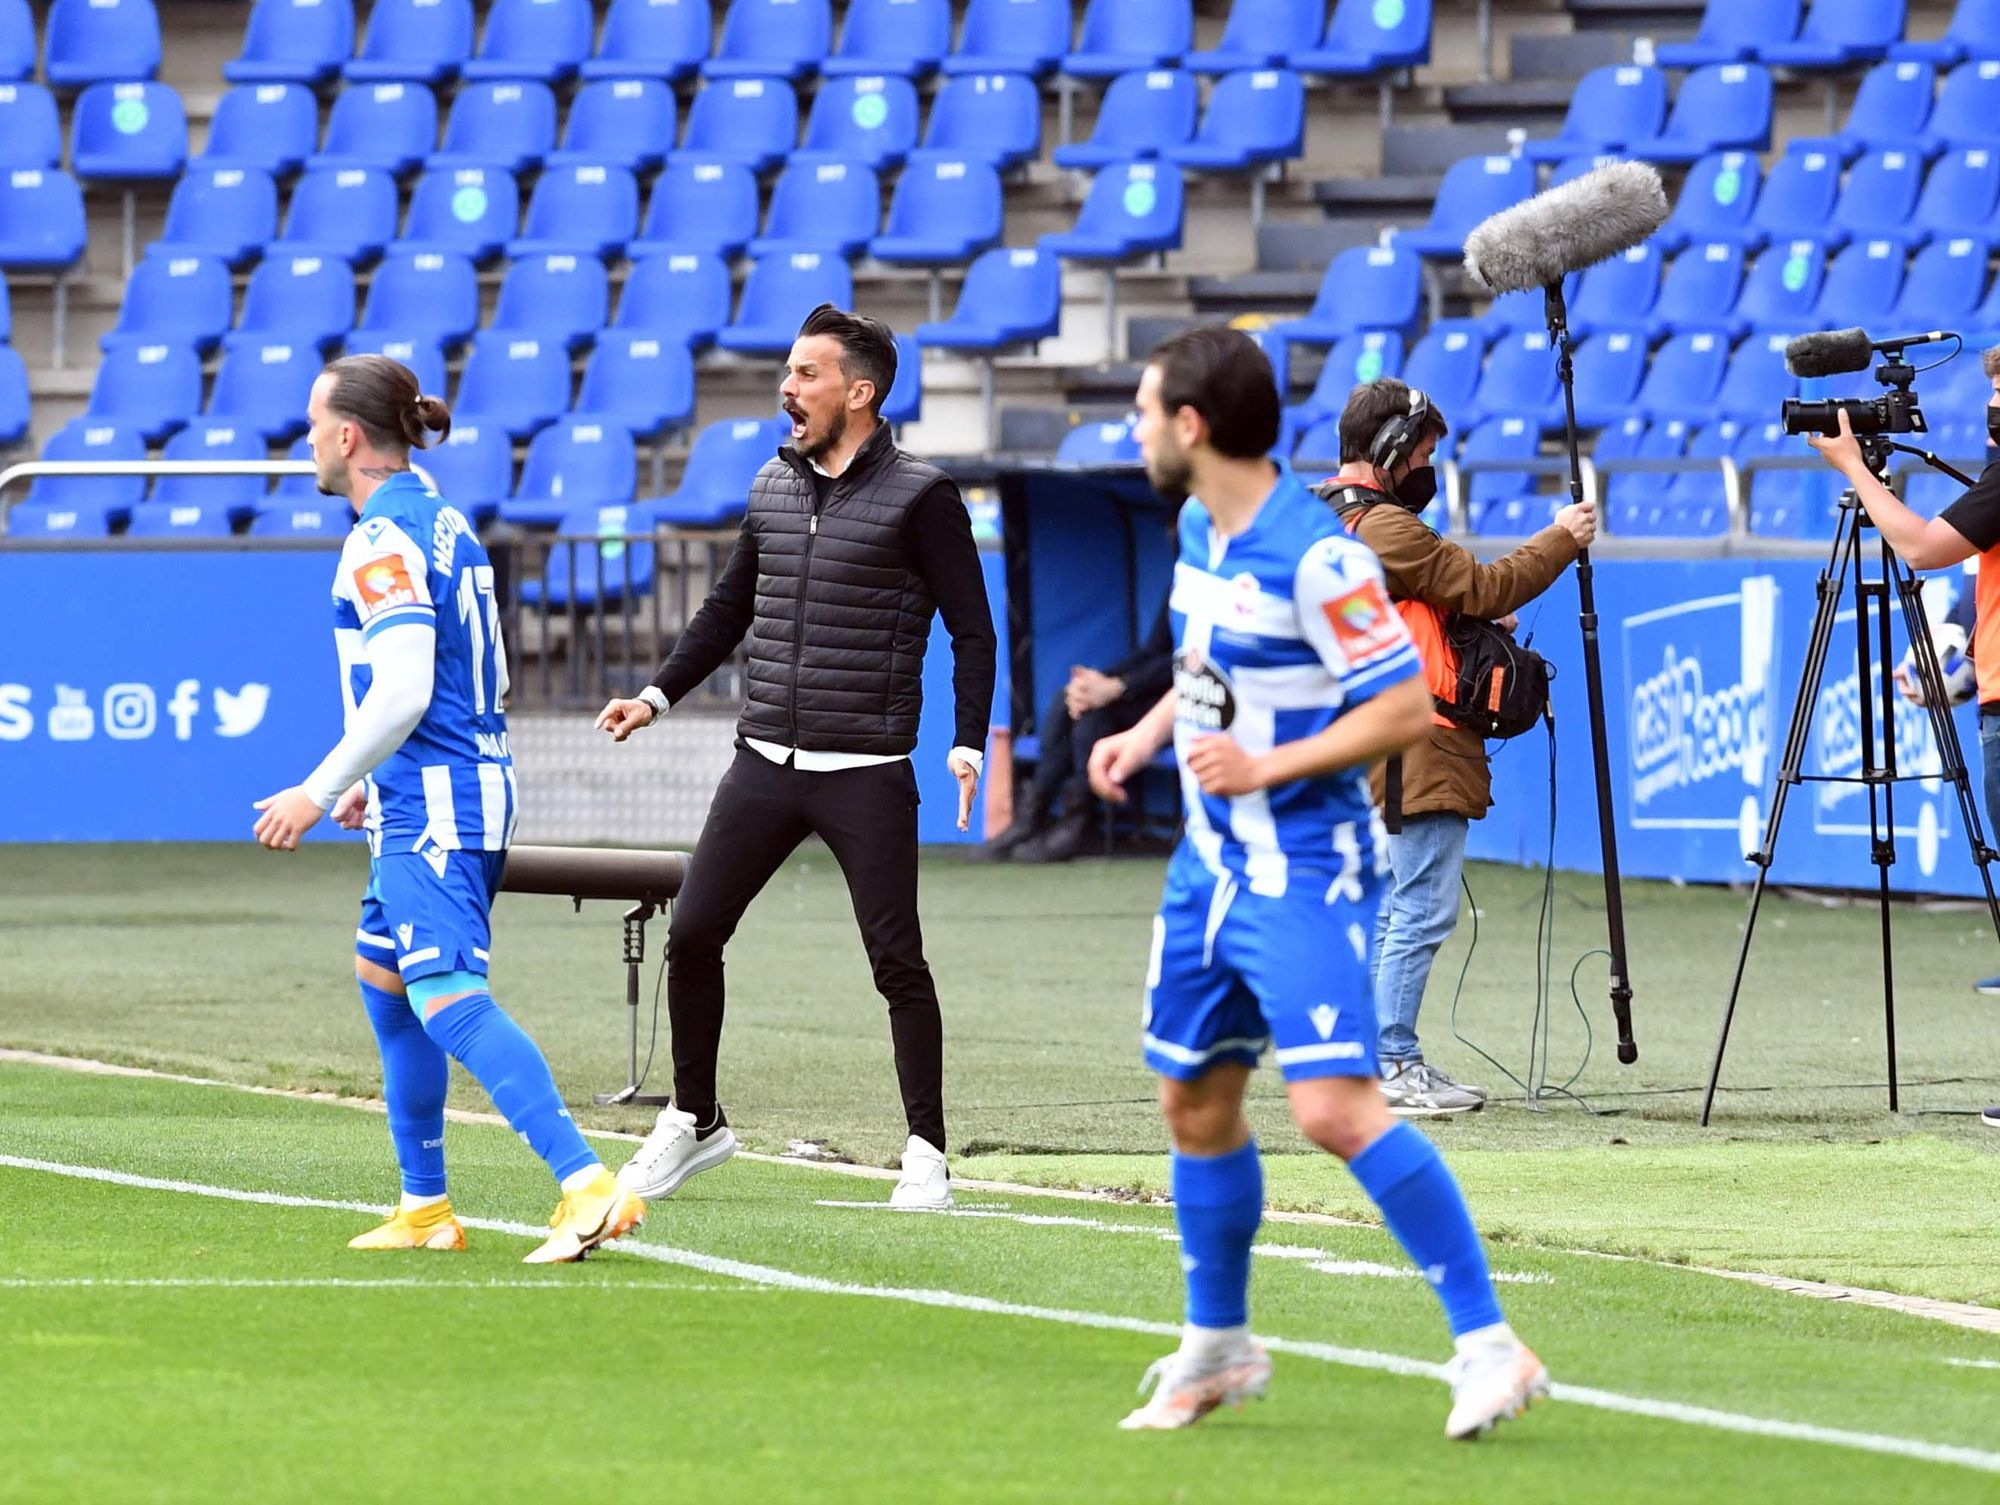 El Deportivo le gana 2-1 al Numancia